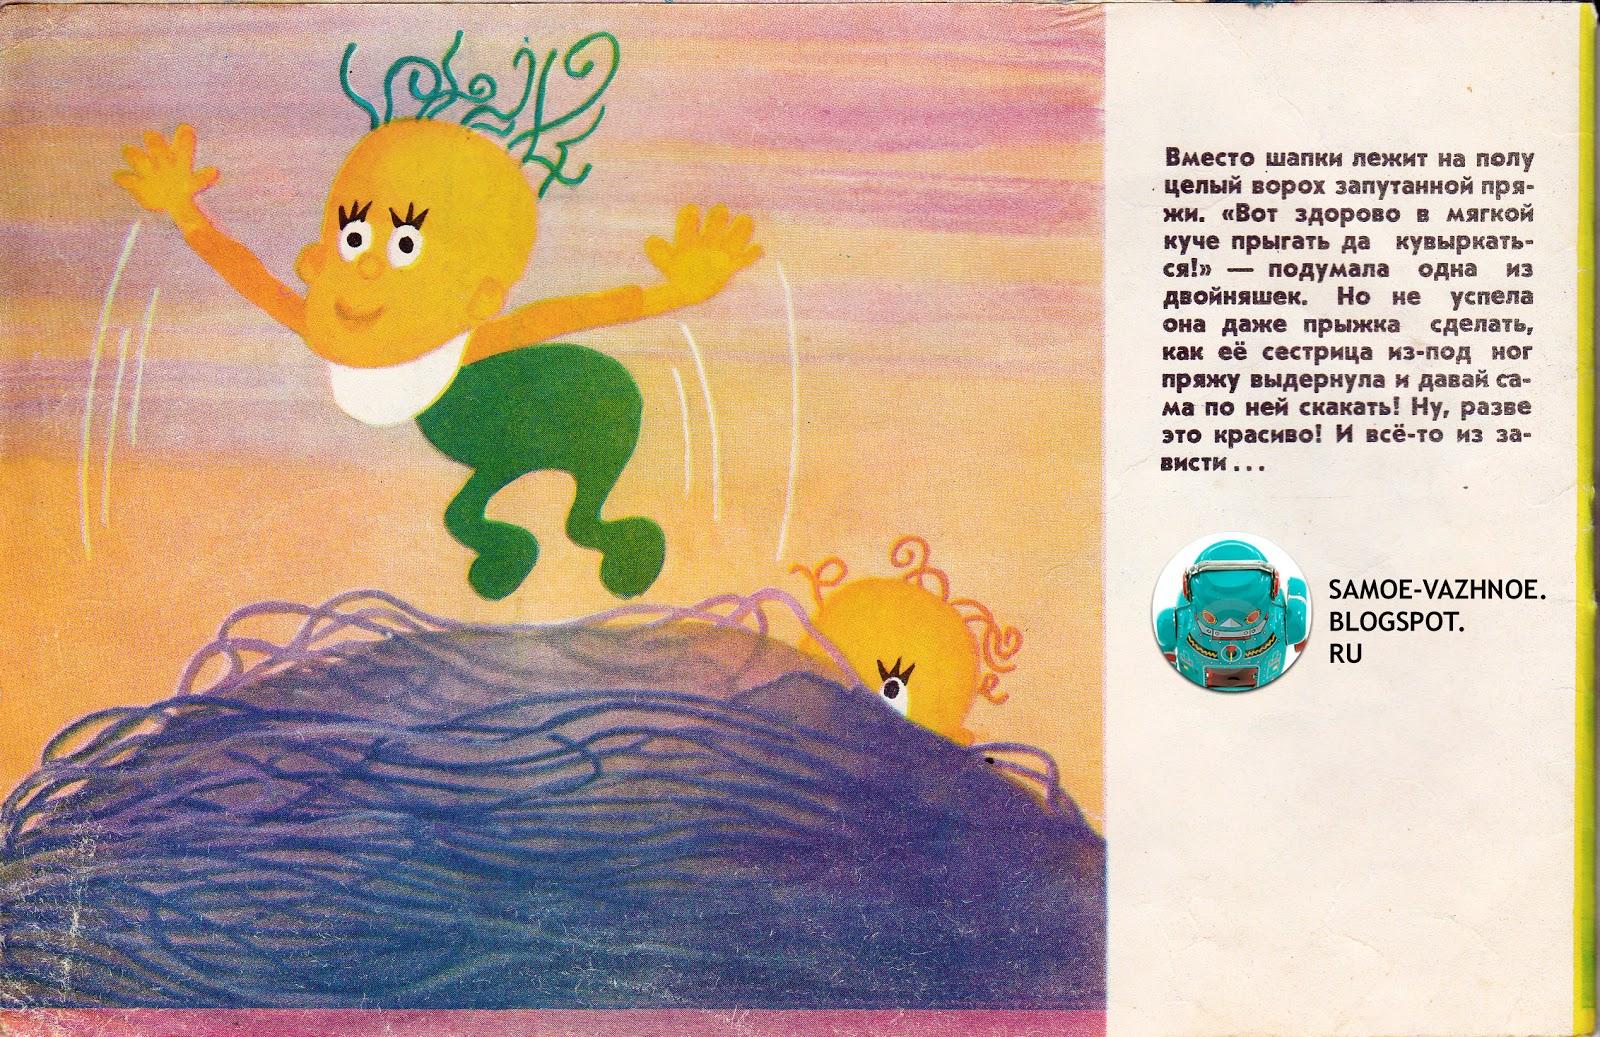 Старая детская книга сестры ругаются СССР